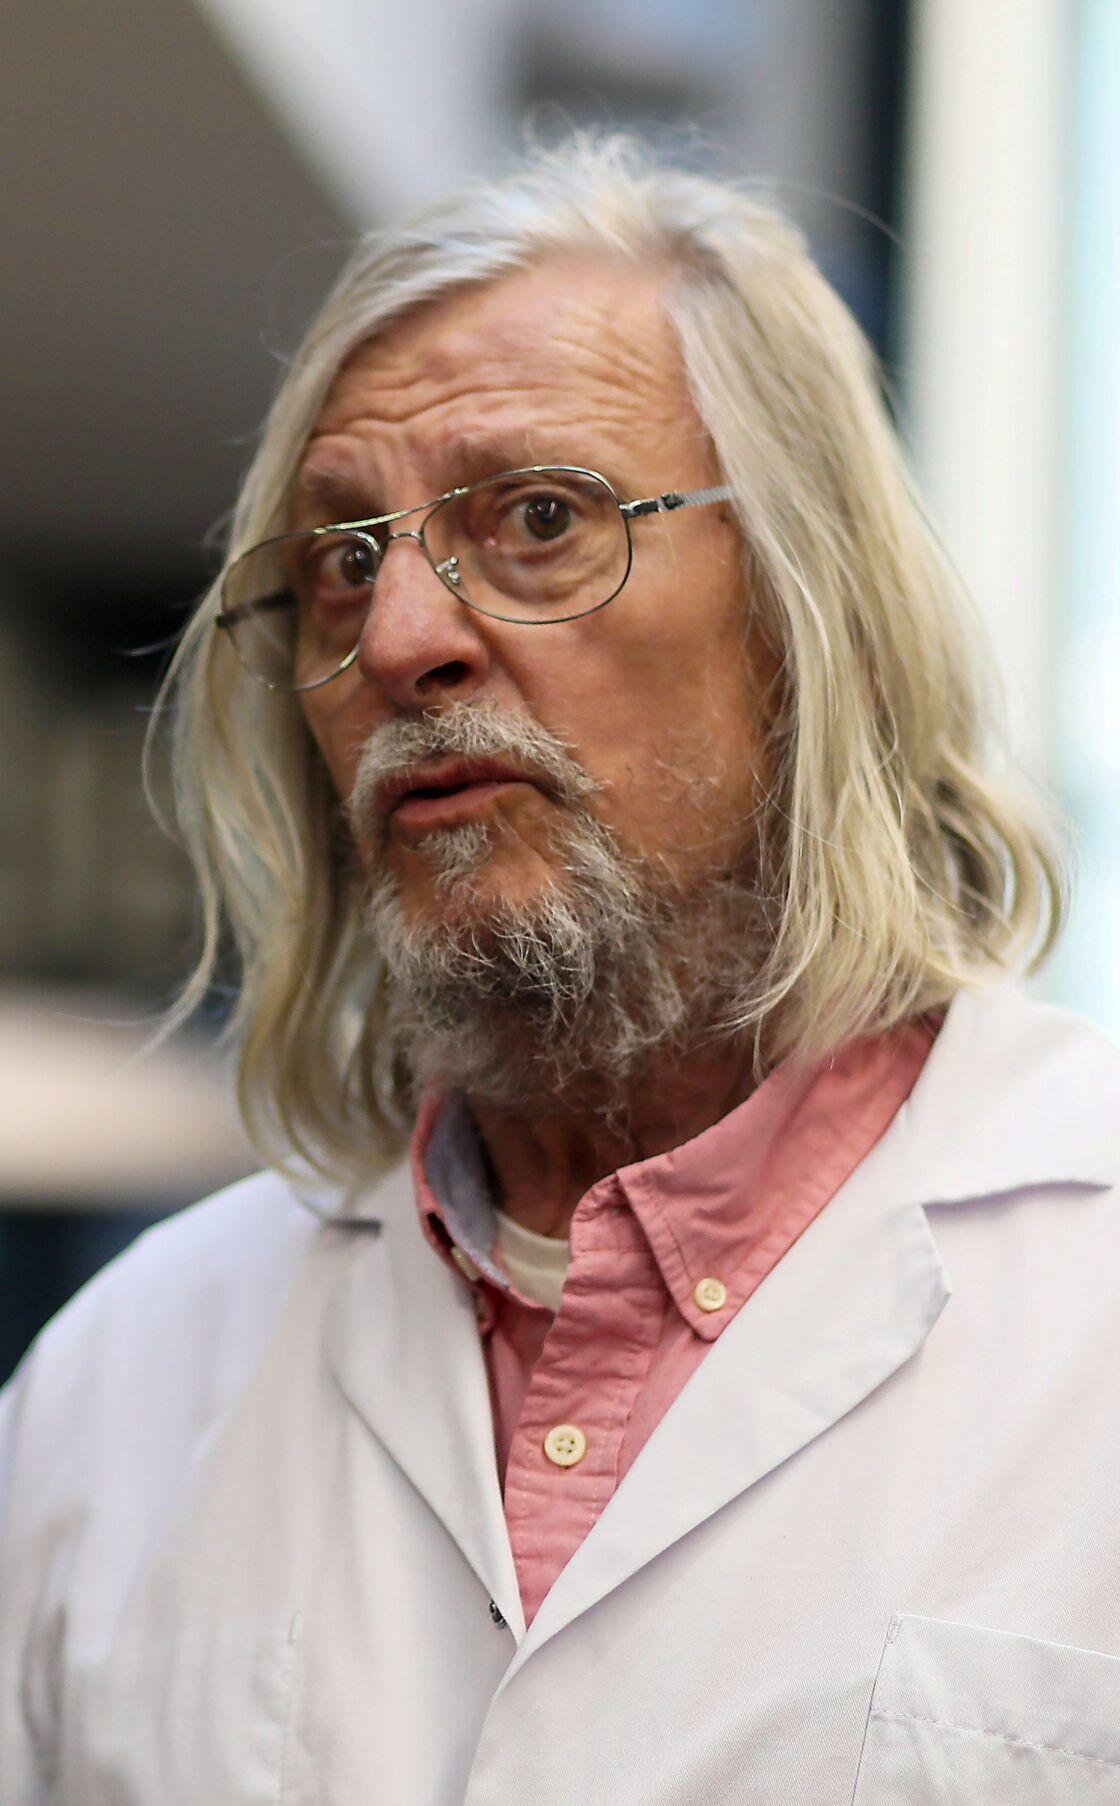 Le professeur Didier Raoult à l'IHU Marseille lors d'une visite de Renaud Muselier le 2 mars 2020